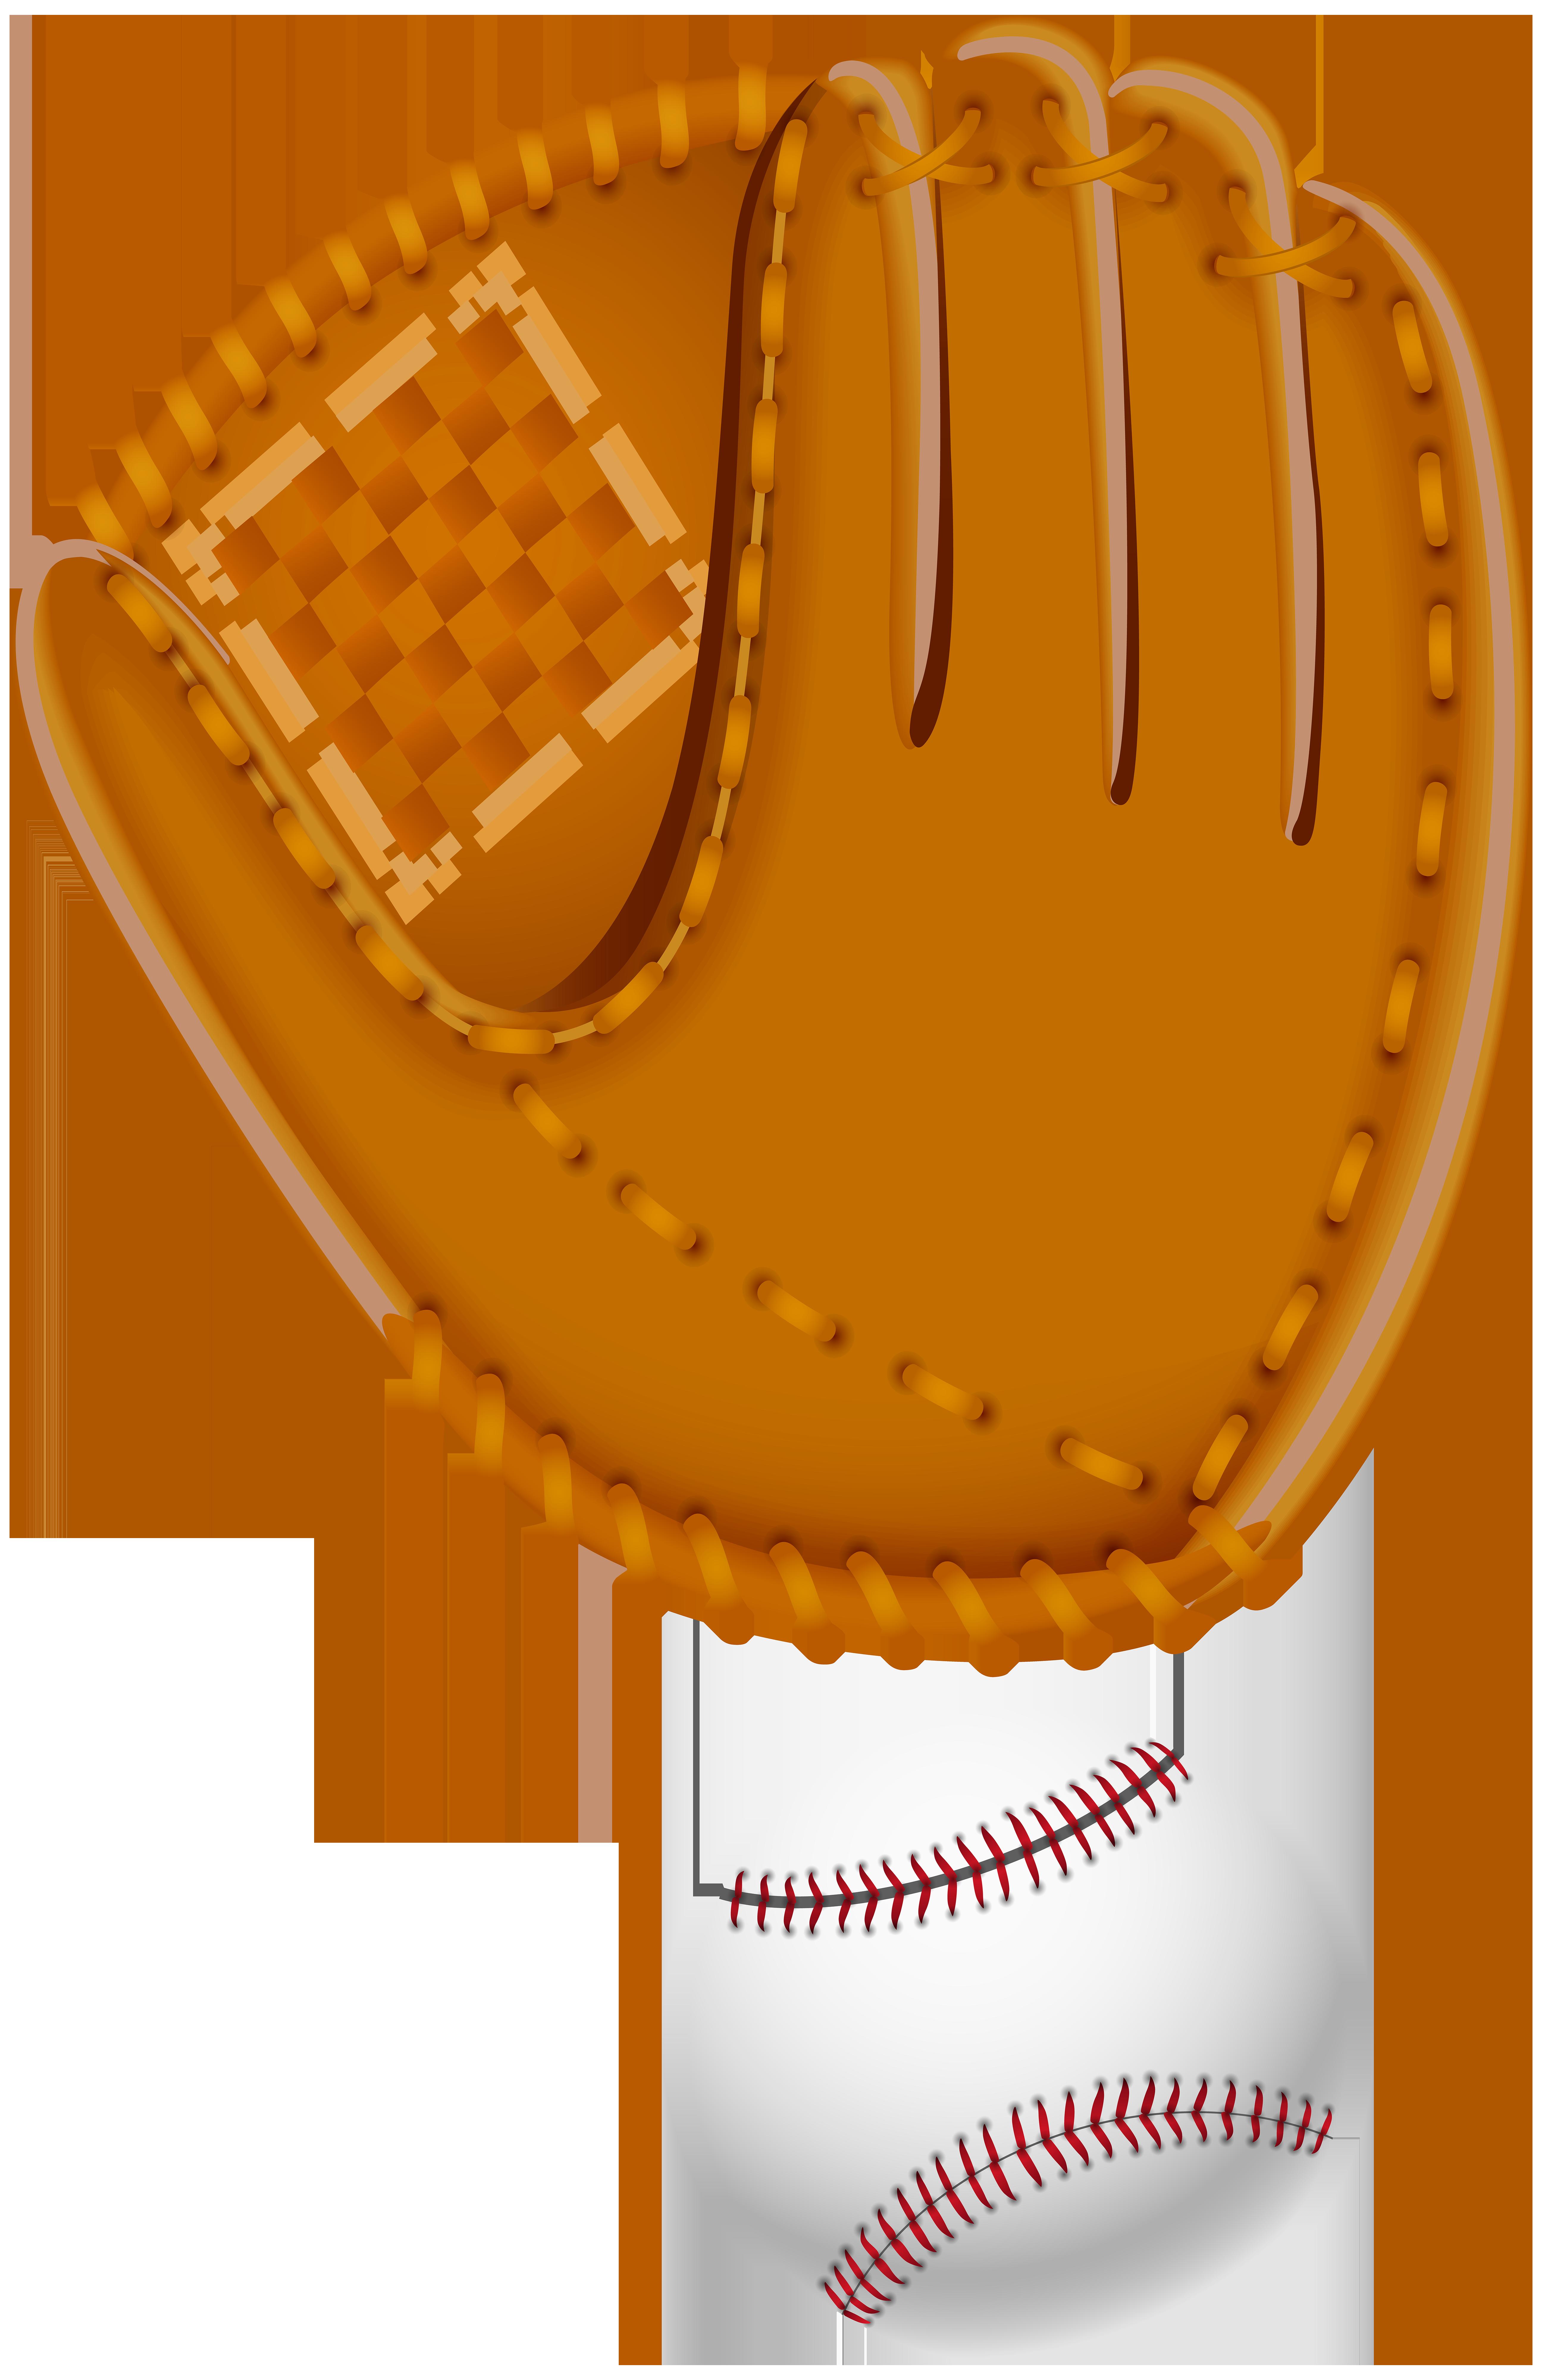 Baseball Glove Clip Art Image.